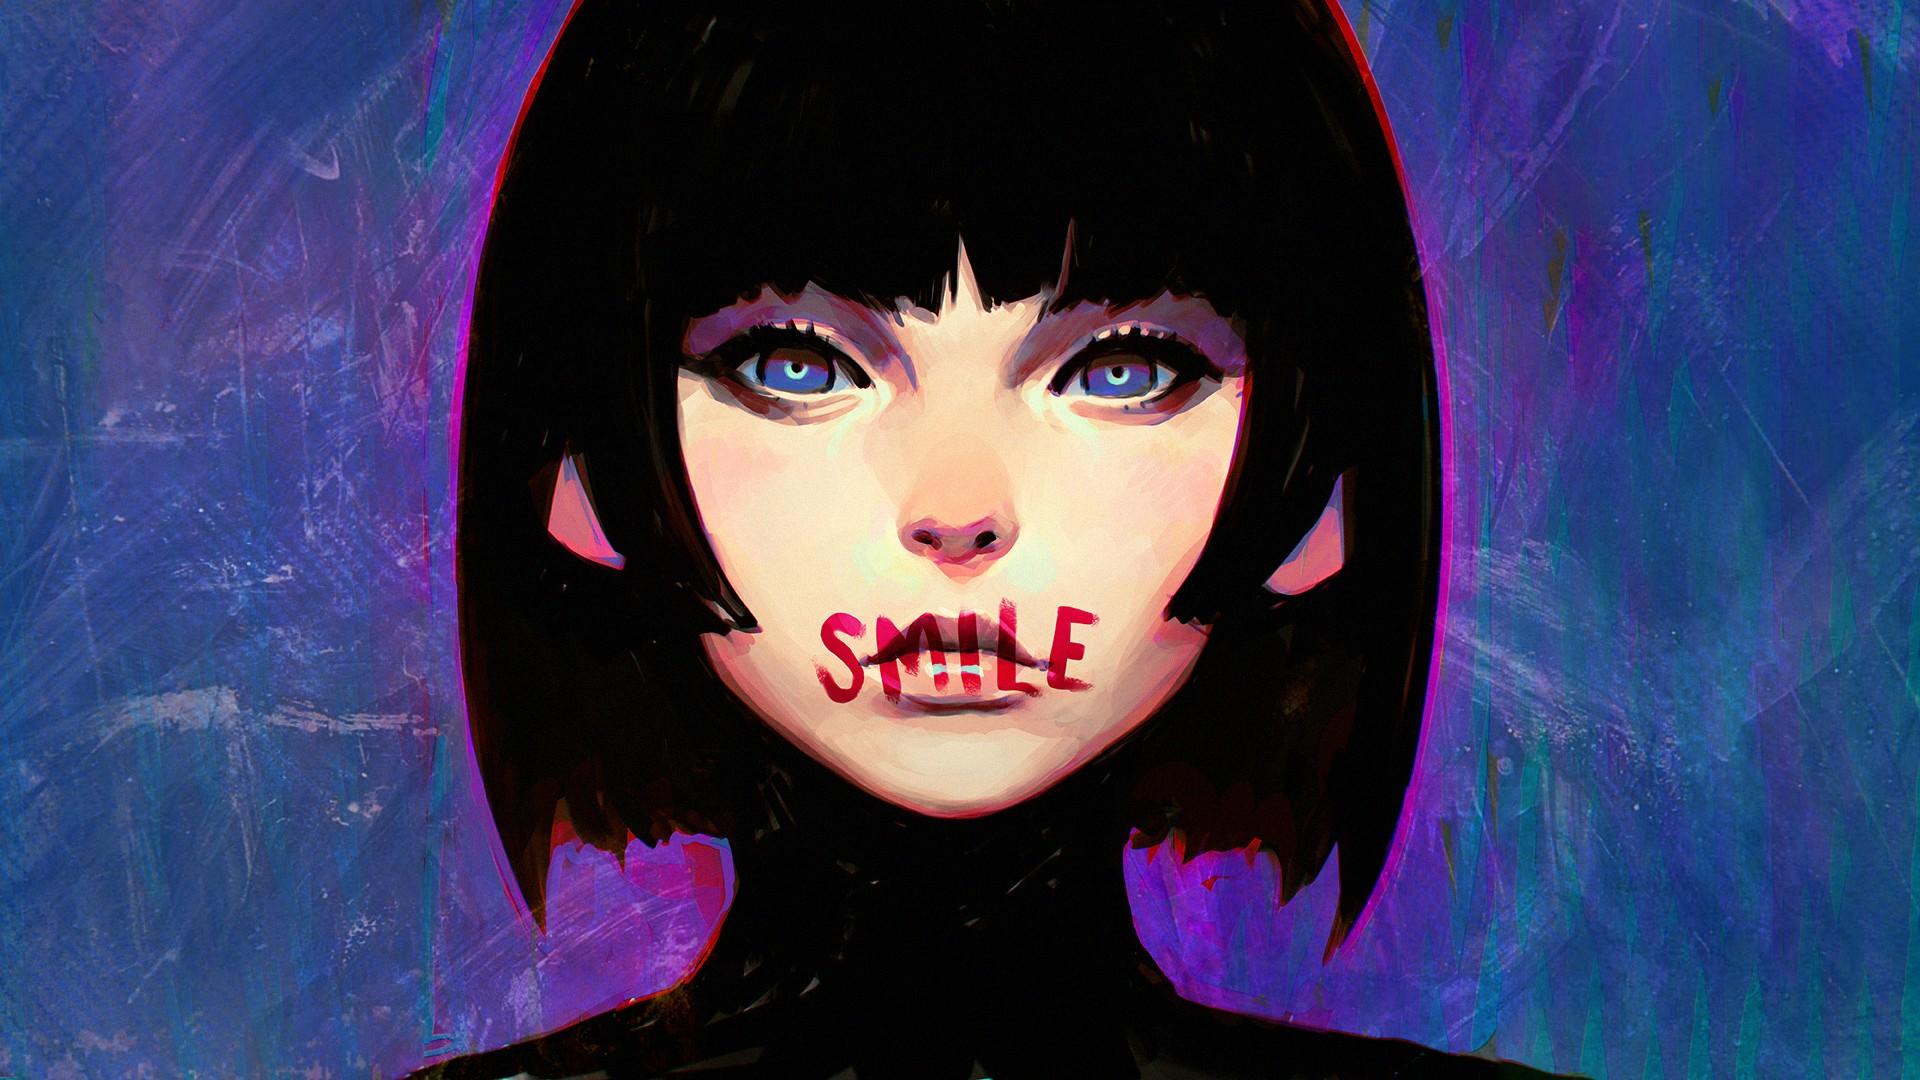 Headphone Girl Wallpaper Black Blue Wallpaper Illustration Digital Art Women Anime Black